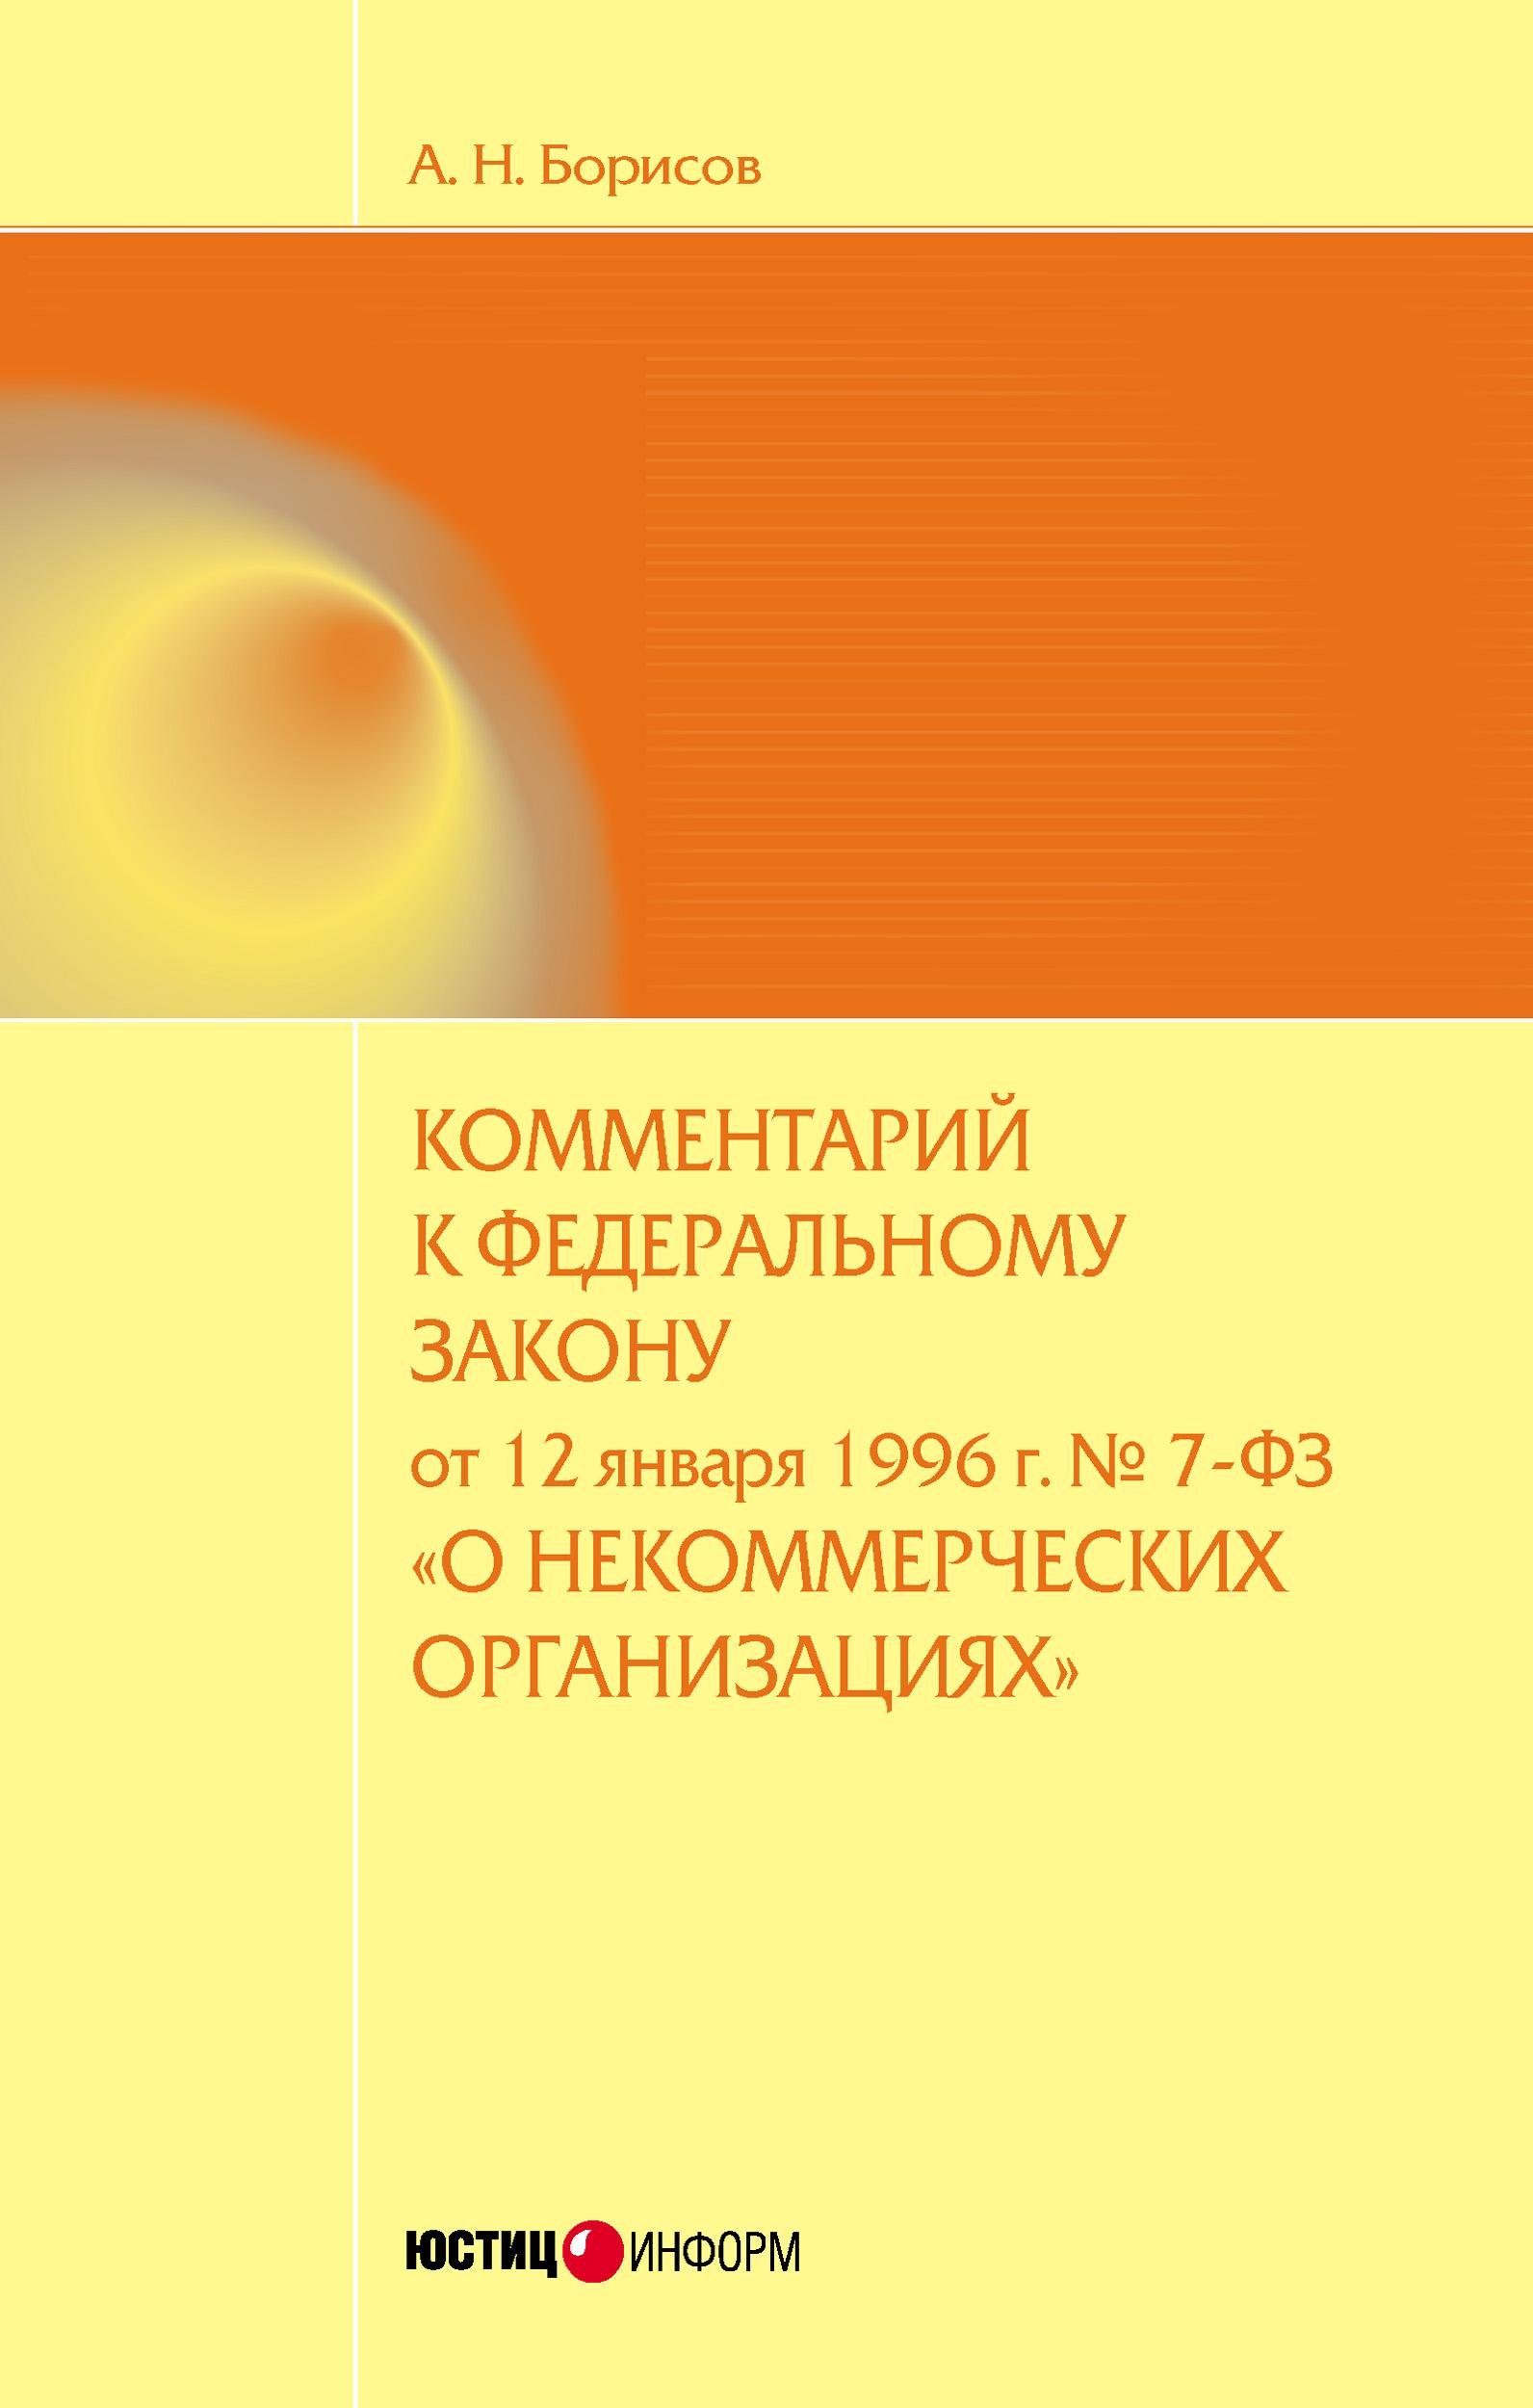 А. Н. Борисов Комментарий к Федеральному закону от 12 января 1996 г. №7-ФЗ «О некоммерческих организациях» (постатейный) antique brass artistic bathroom toilet brush holder